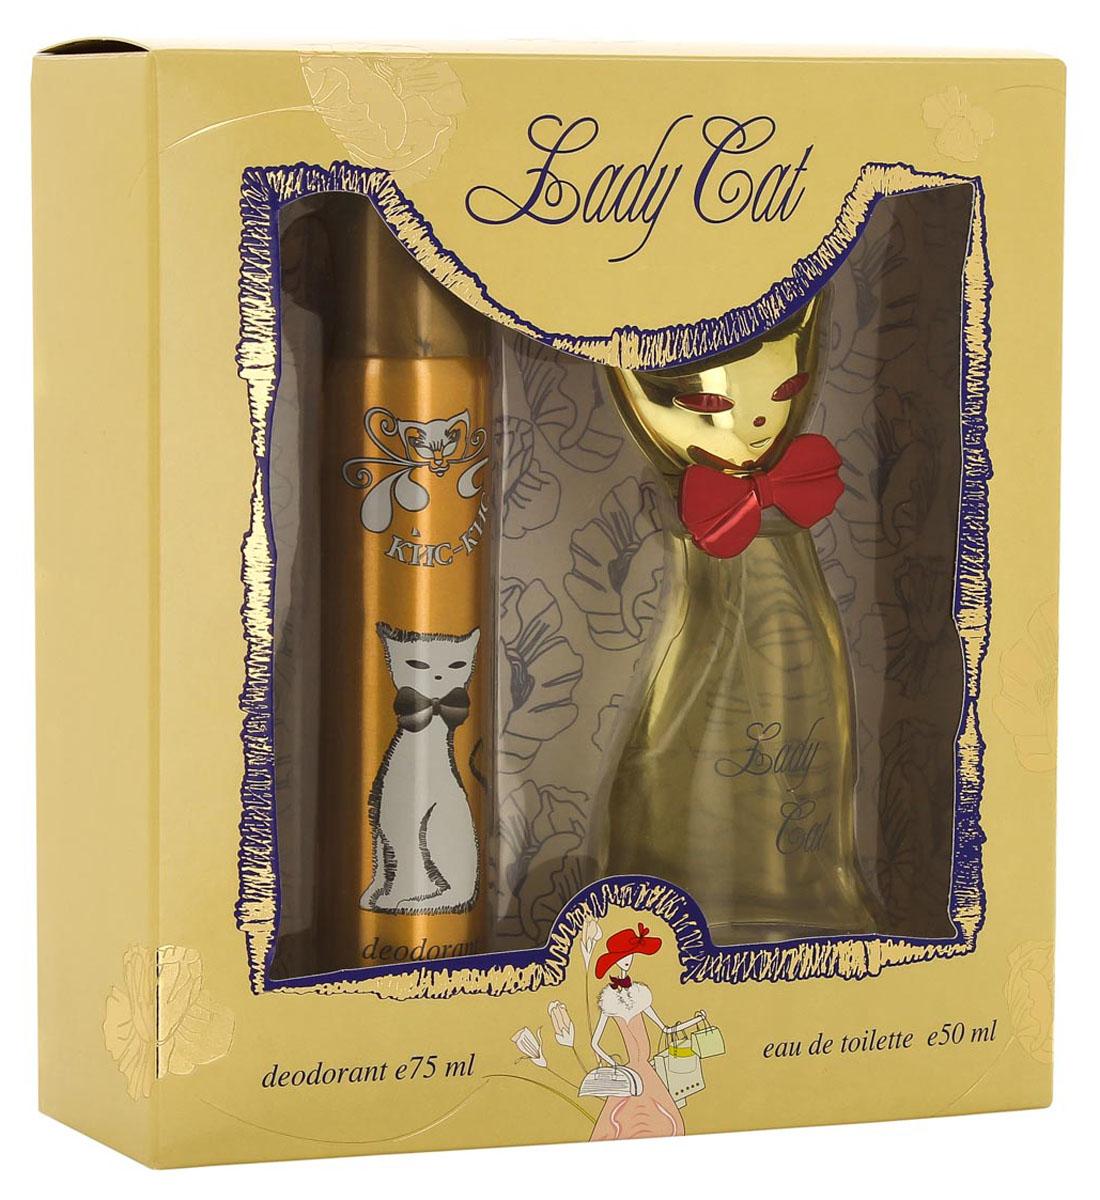 КПК-Парфюм Подарочный набор для женщин  Кис-Кис Леди : Туалетная вода, 50 мл + Парфюмированный дезодорант, 75 мл - Парфюмерия